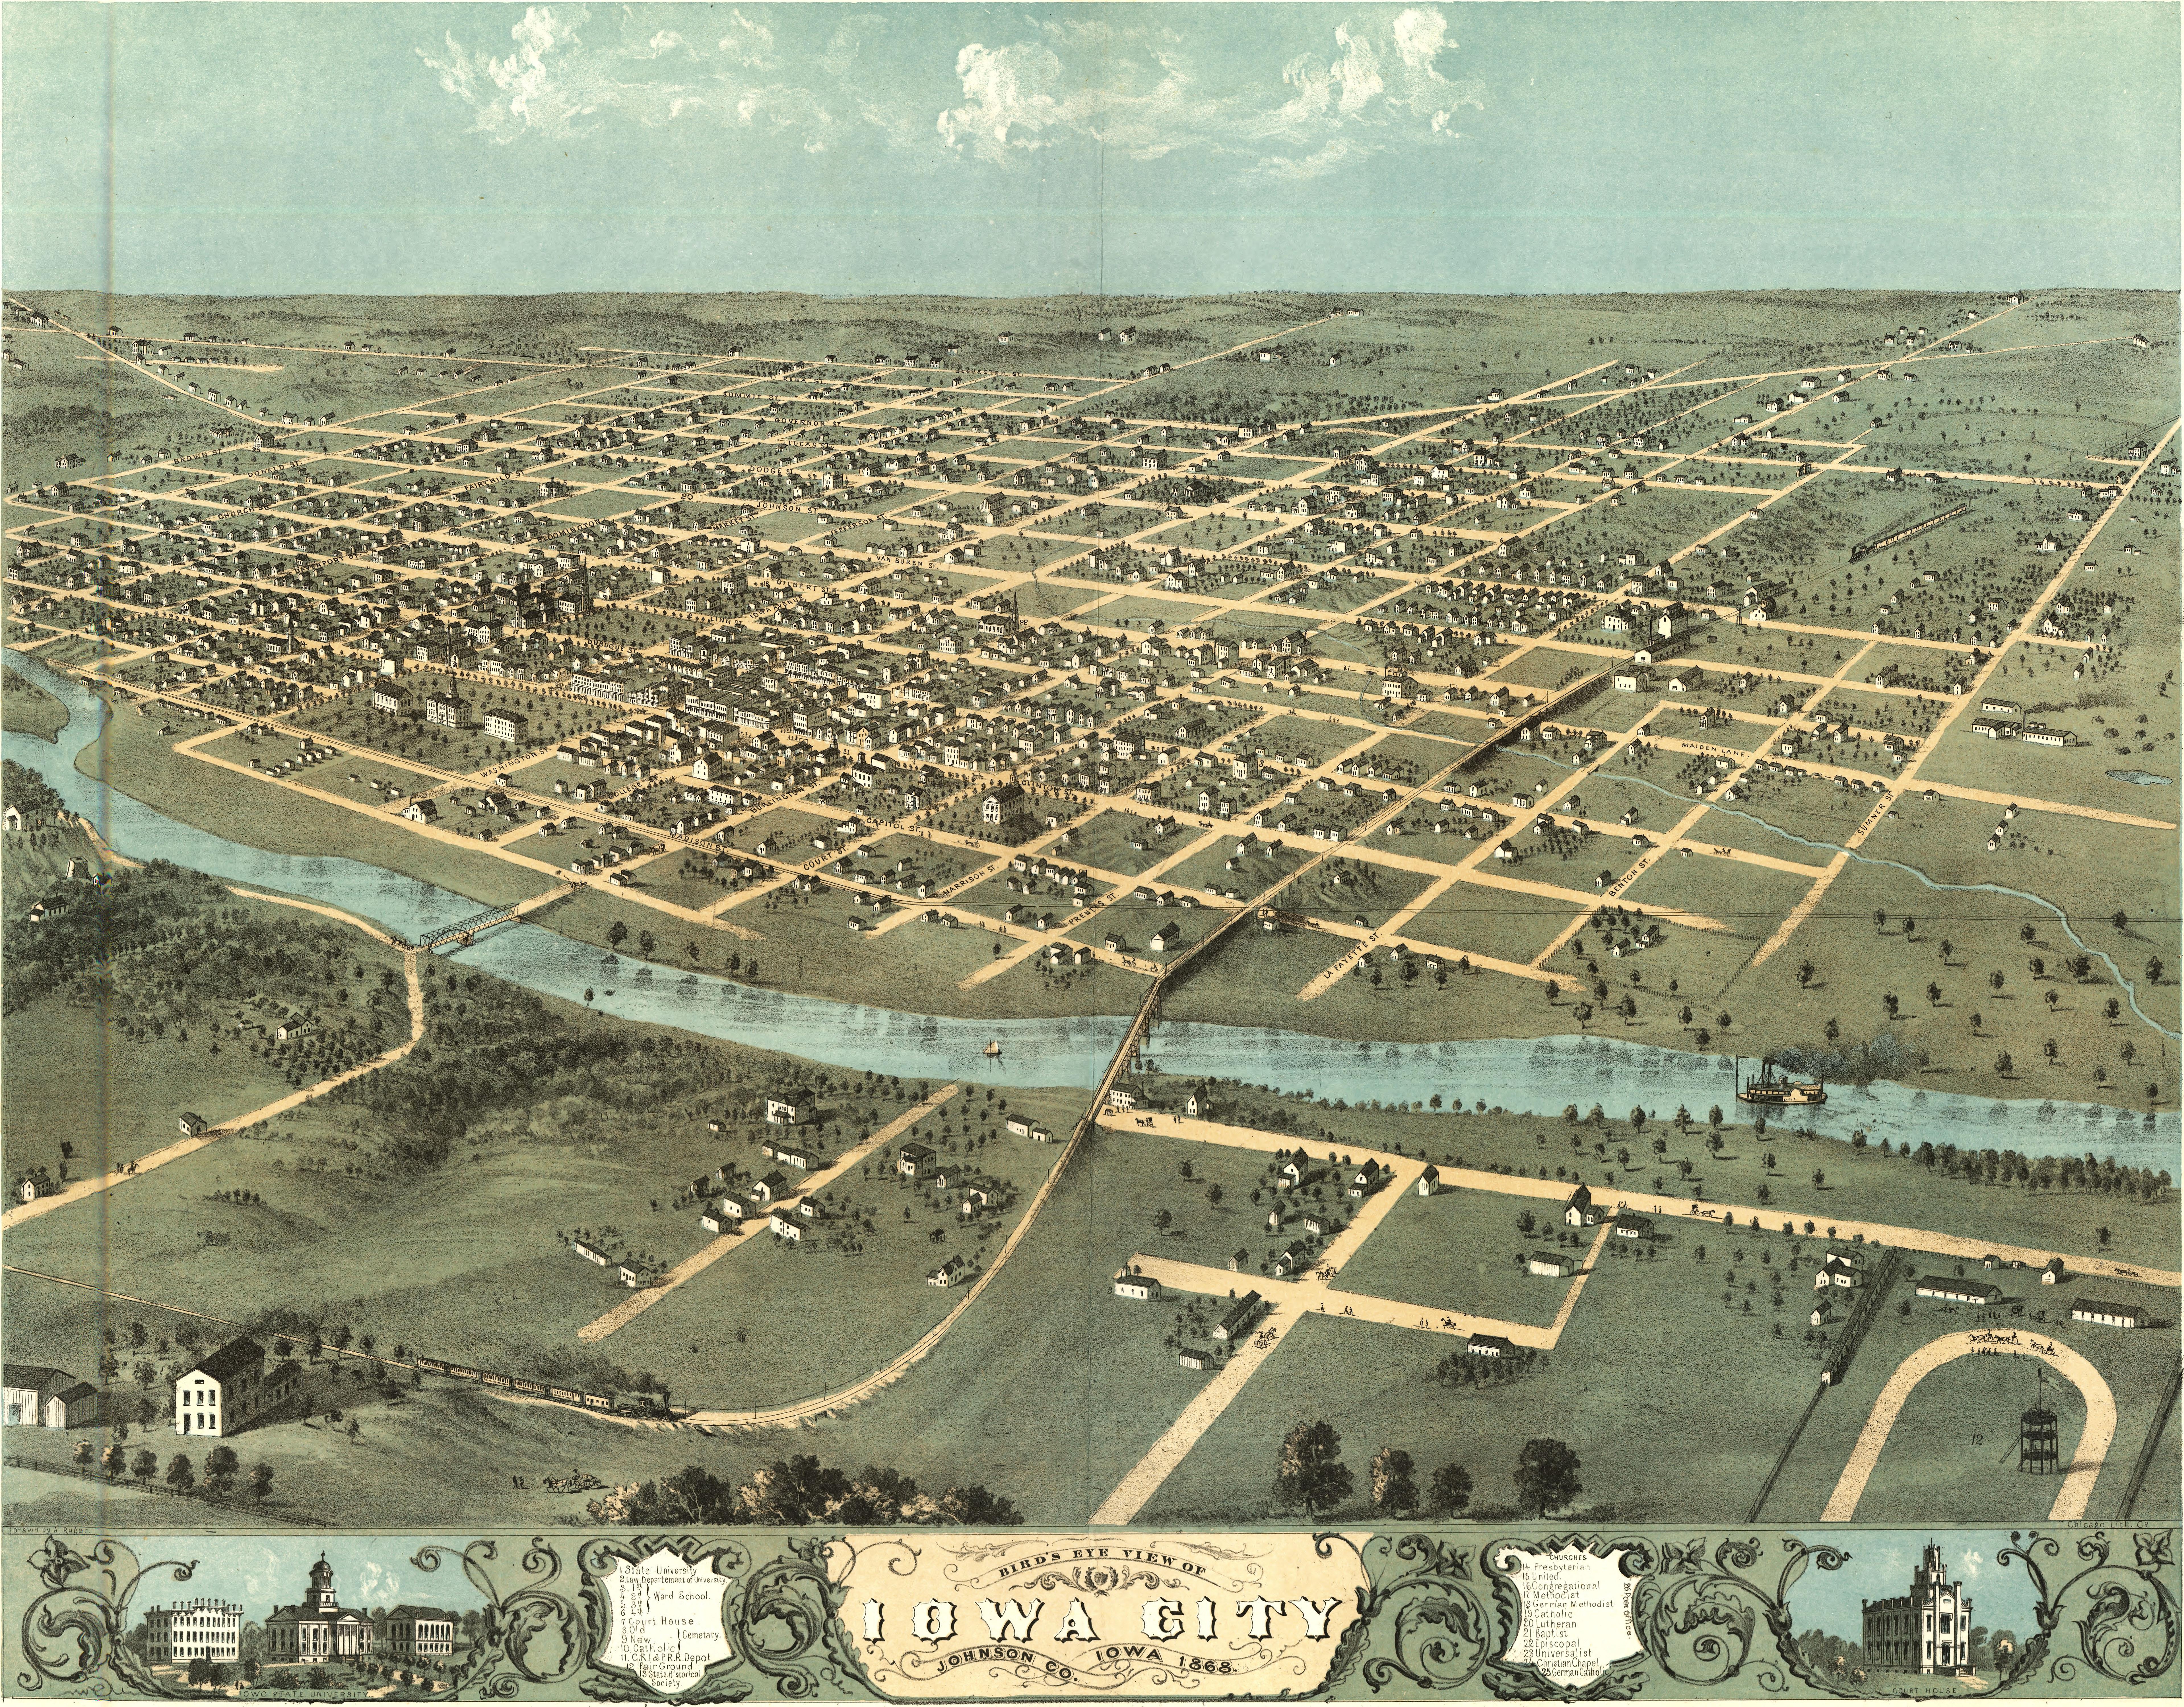 Iowa City Iowa